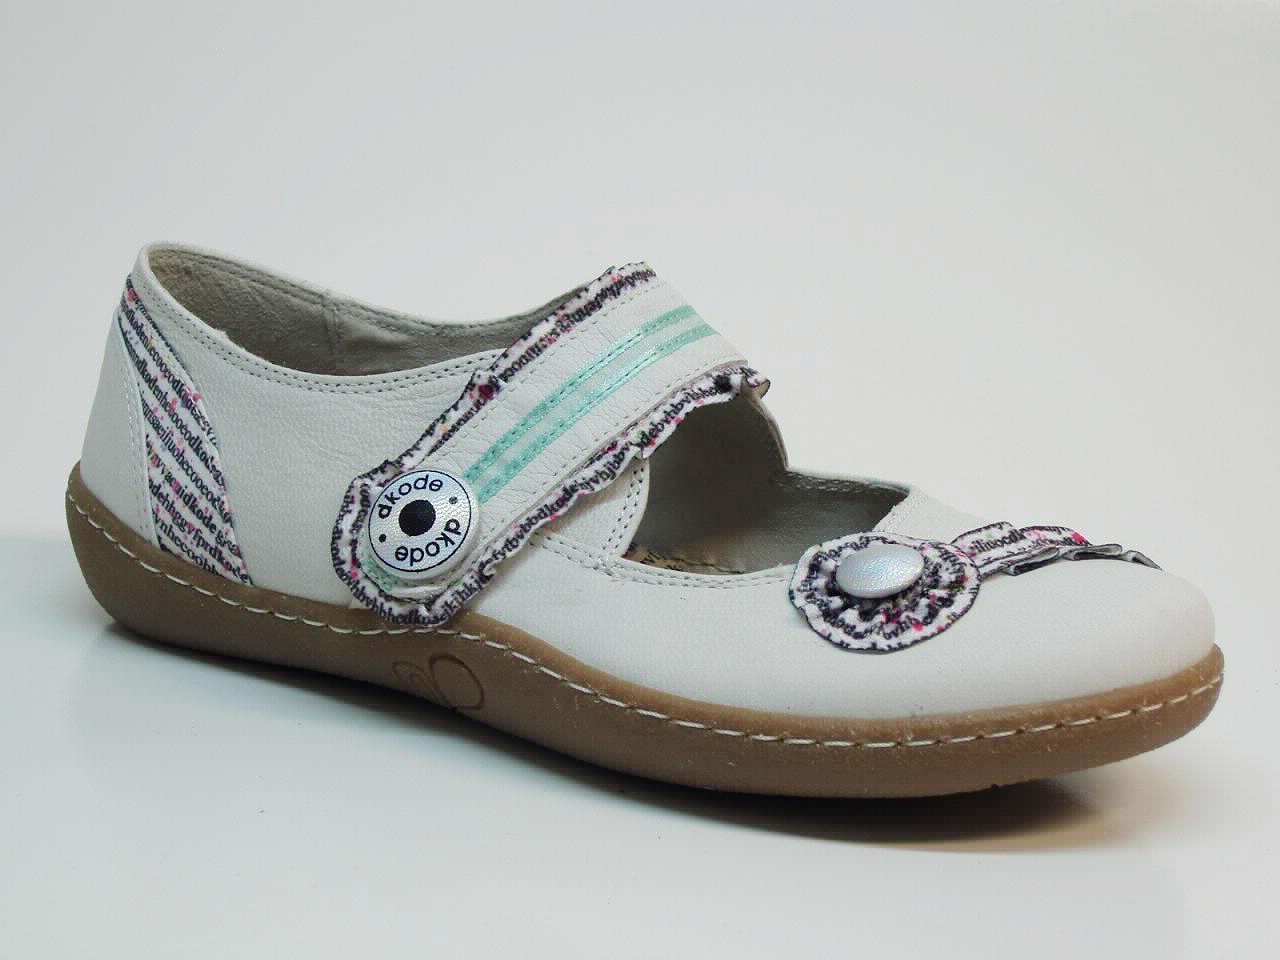 Sapatos Baixos, Sabrinas, Mocassins Dkode - 398ANWIL